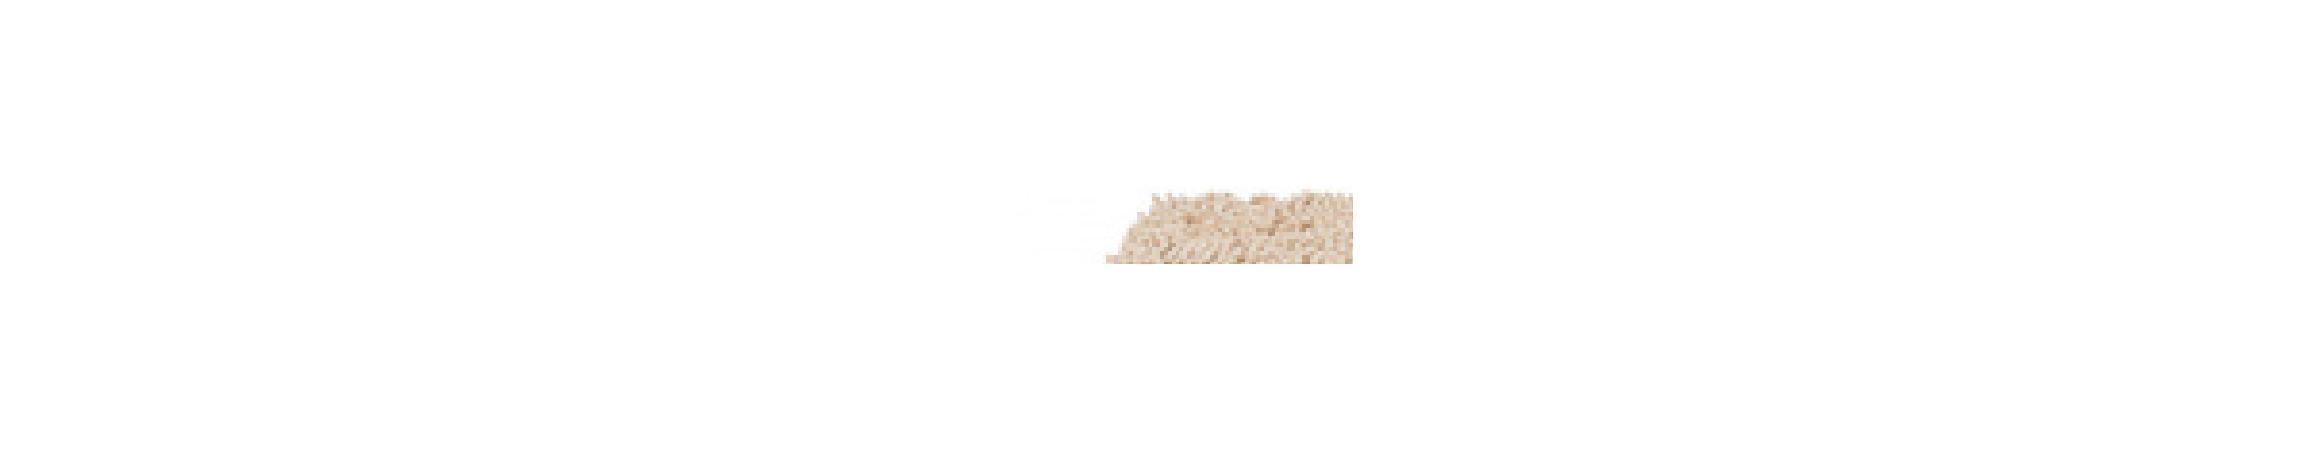 Trixie Коврик грязезащитный, непромокаемый, 100х70 см, бежевый 28532, 1,810 кг